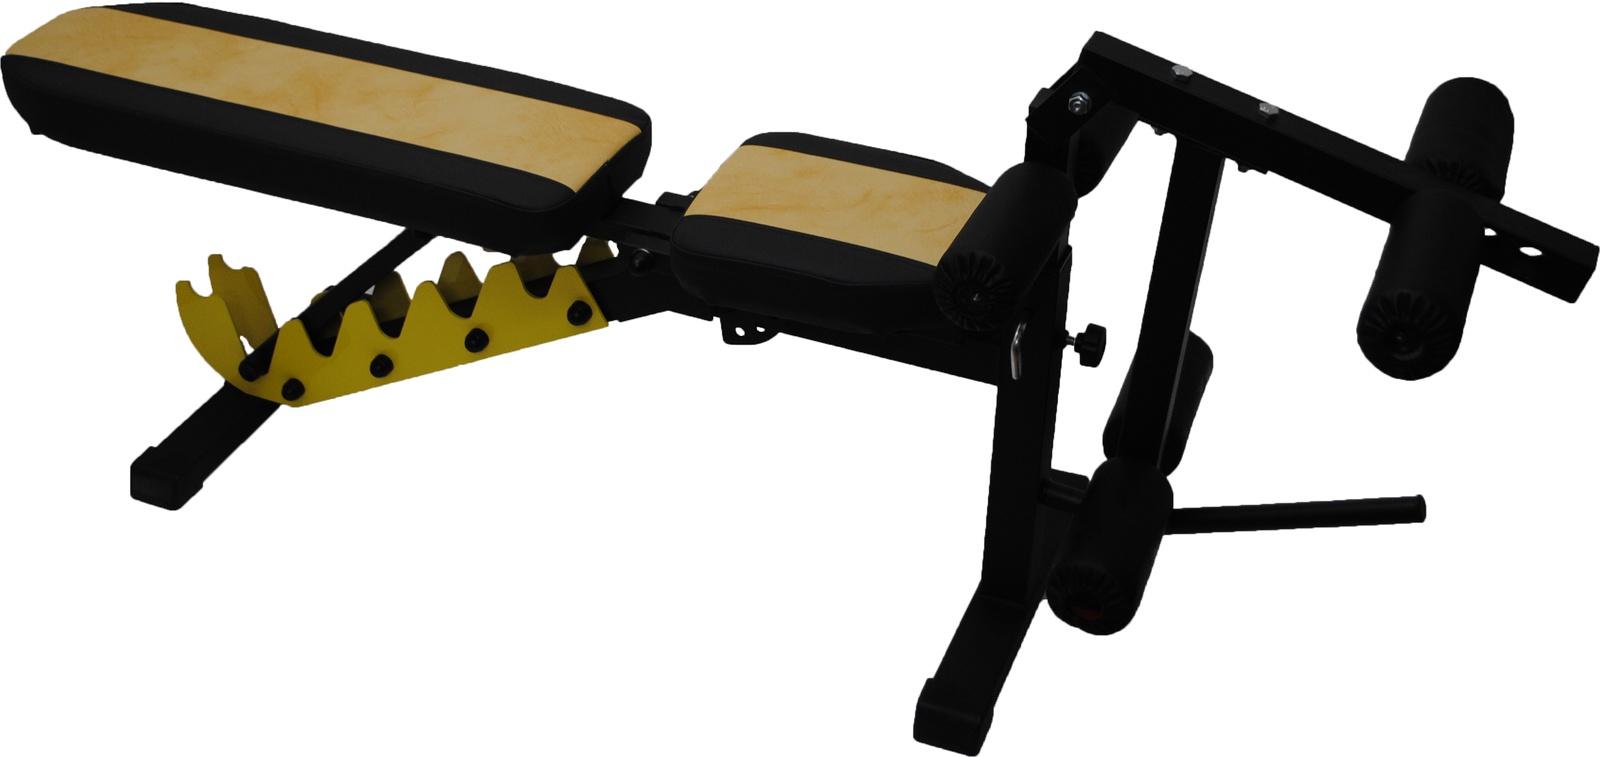 Универсальная атлетическая скамья Orion Sportlim ЧЖ и Керл для ног цена